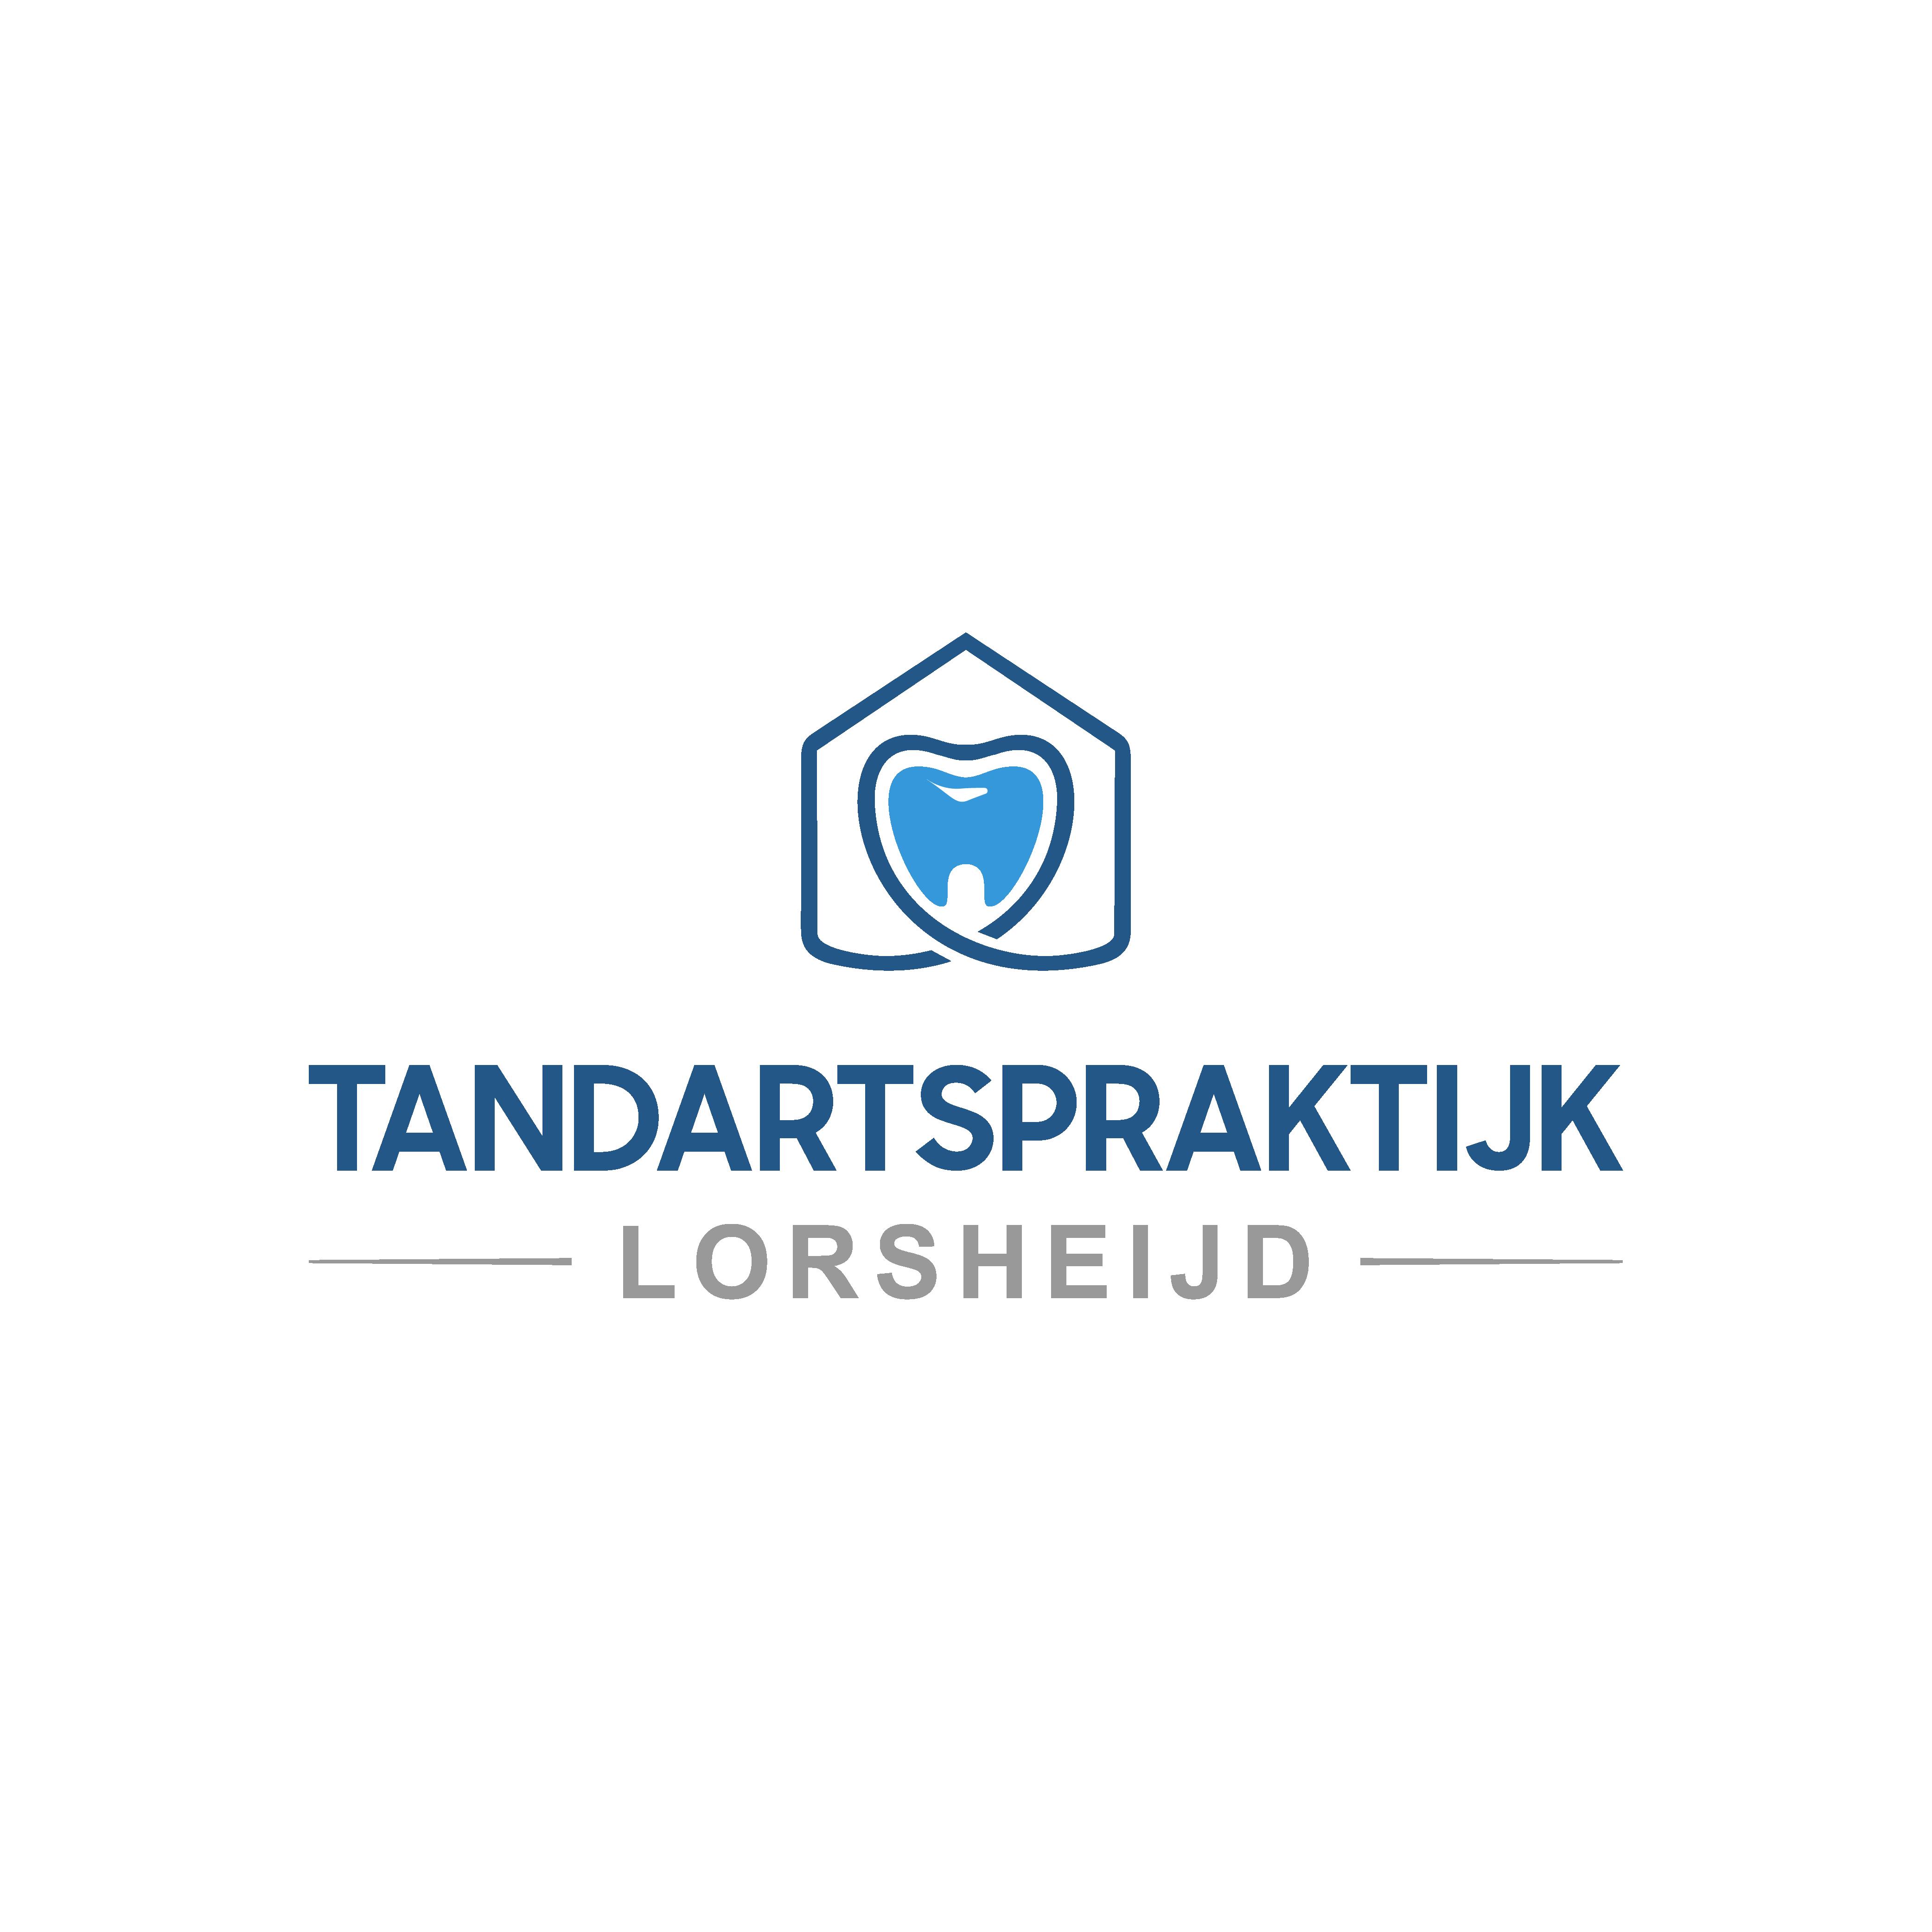 Tandartspraktijk zoekt nieuw logo! (Dental logo) - Kies met Verstand